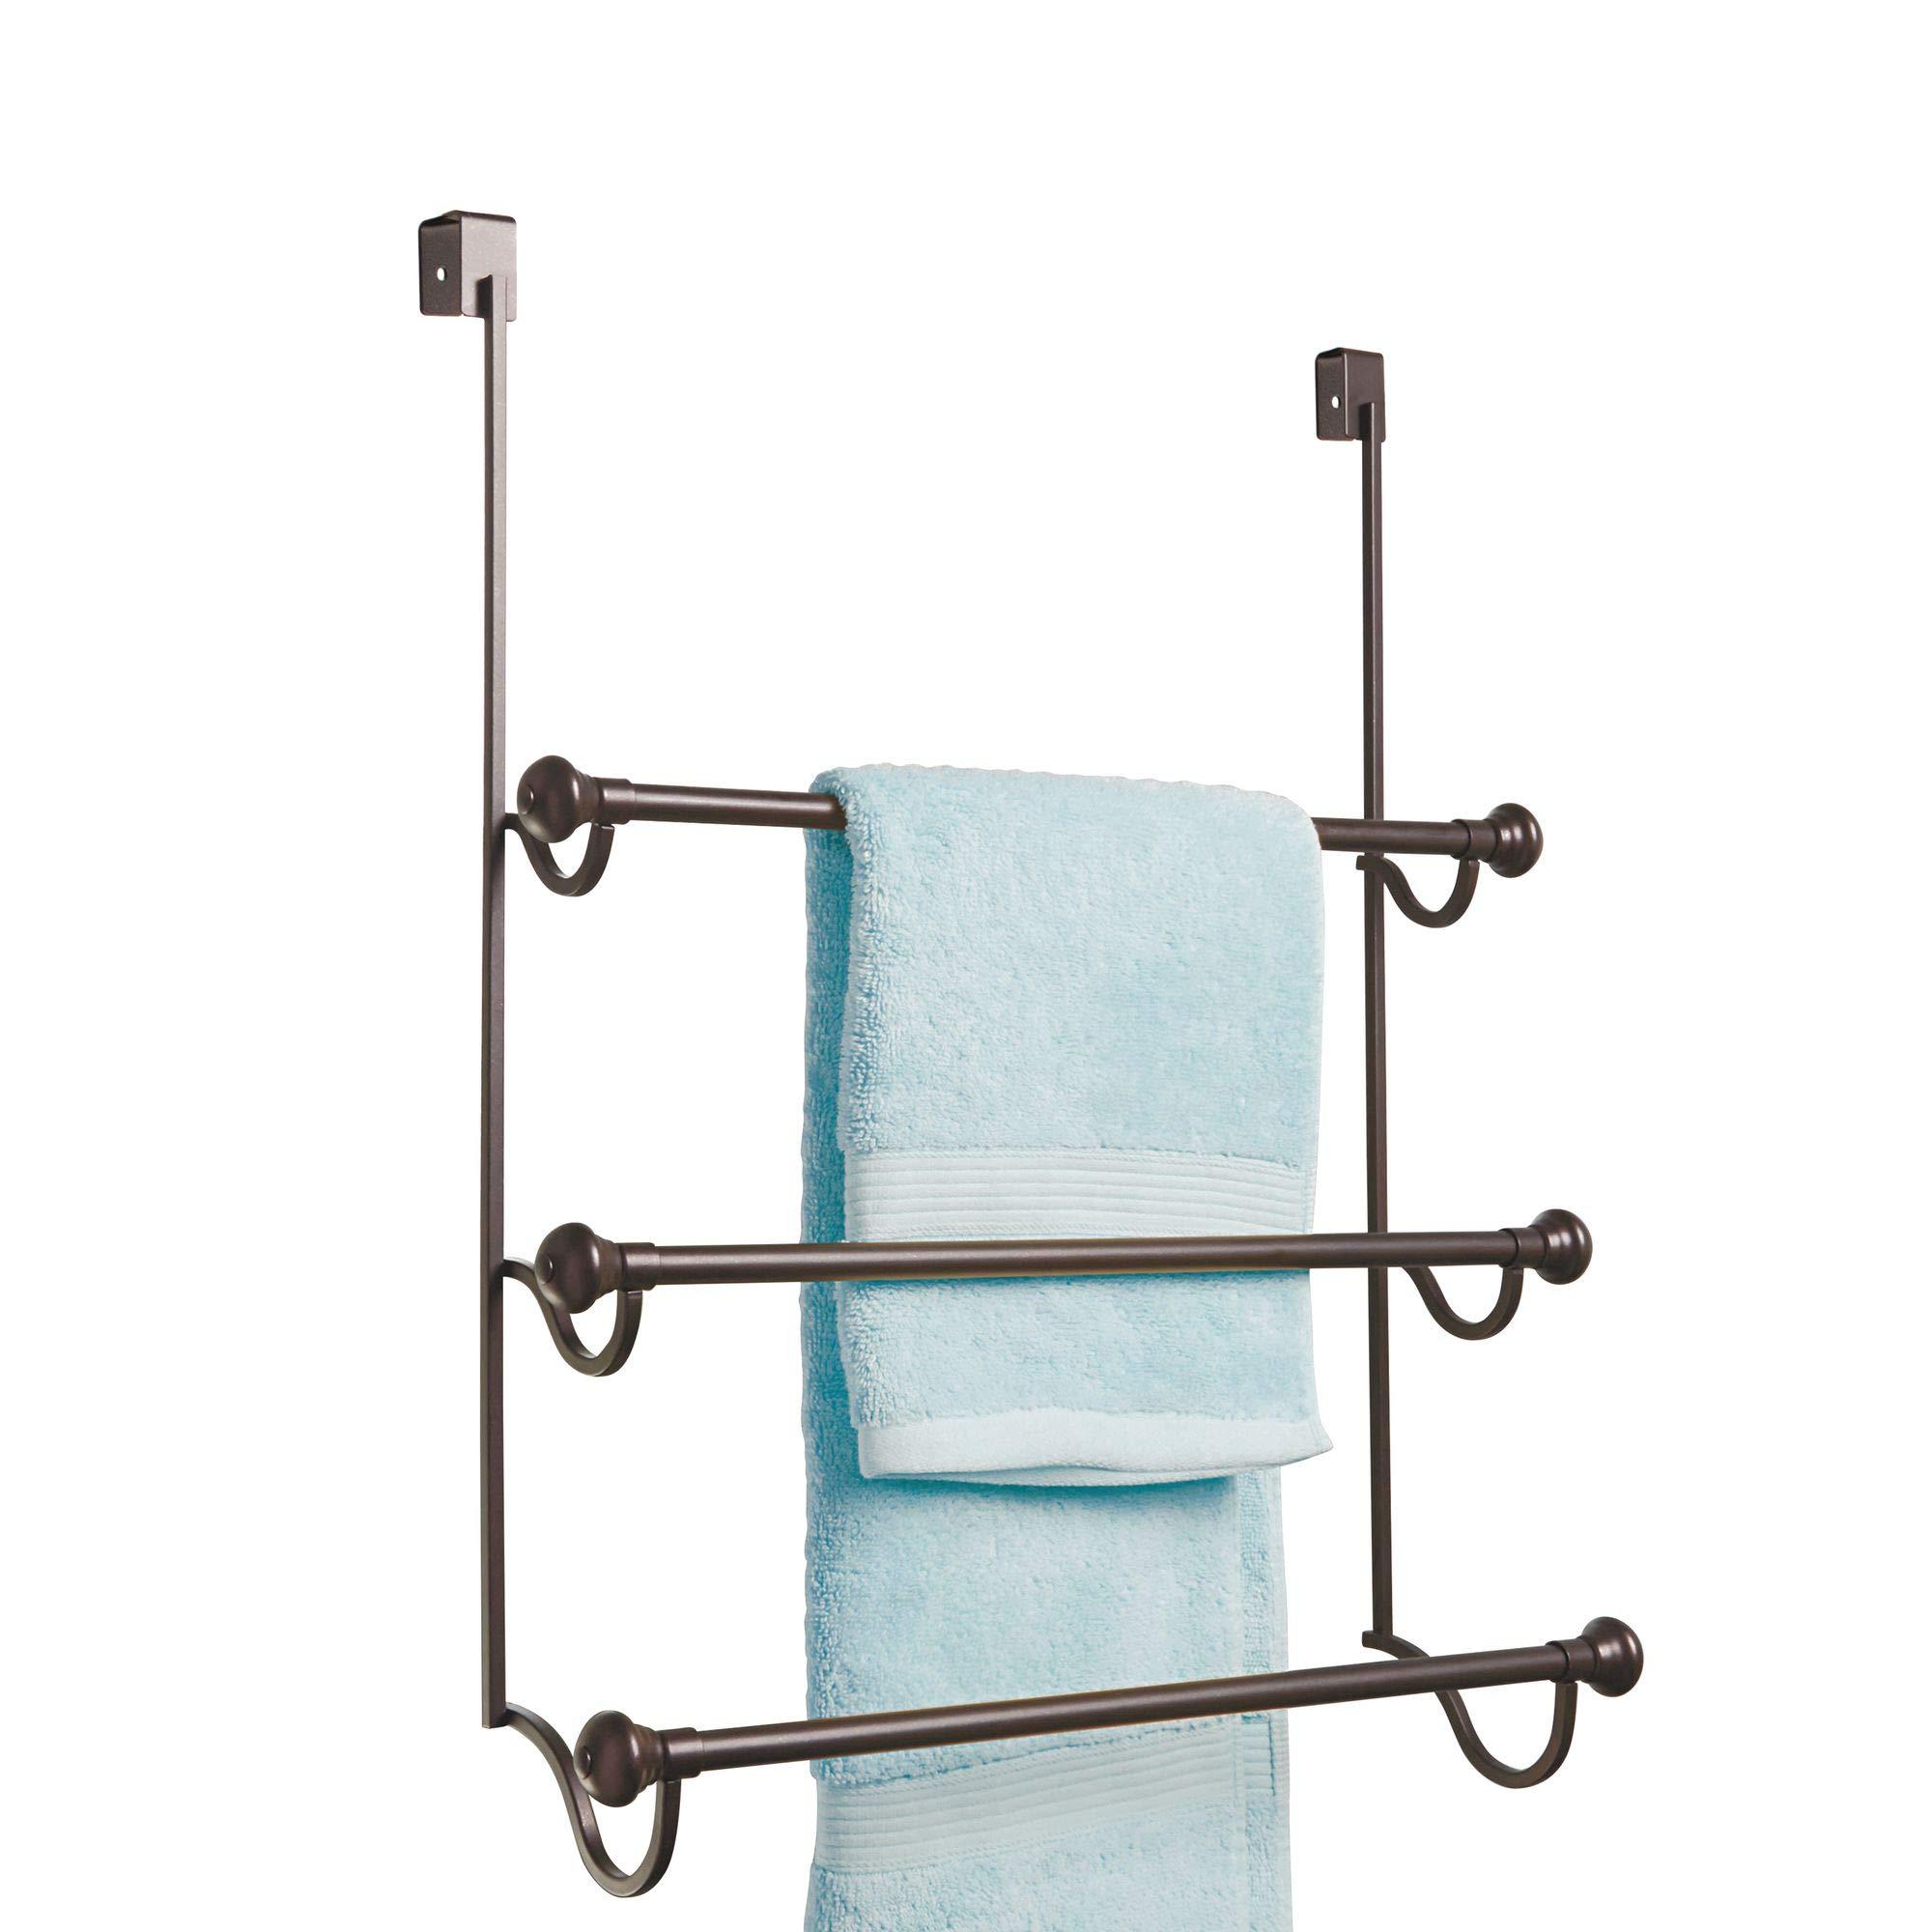 InterDesign York Metal Over The Shower Door Towel Rack, Hooks for Master, Guest, Kids' Bathroom, 17.75'' x 4.75'' x 22.5'', Bronze